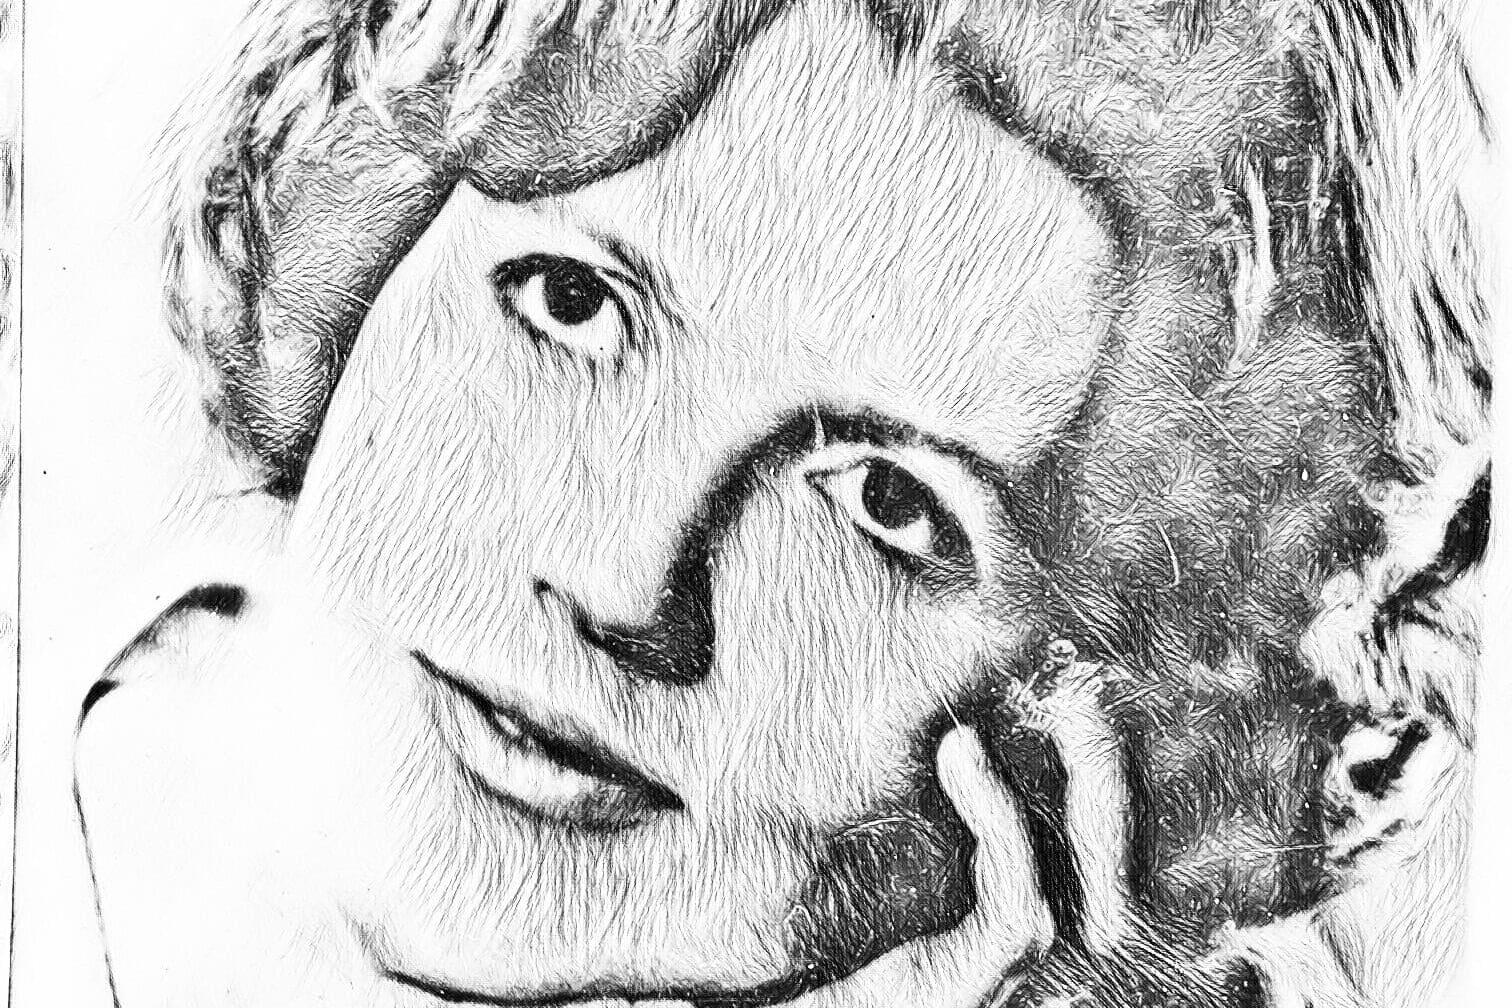 Portfolio for Digital Art